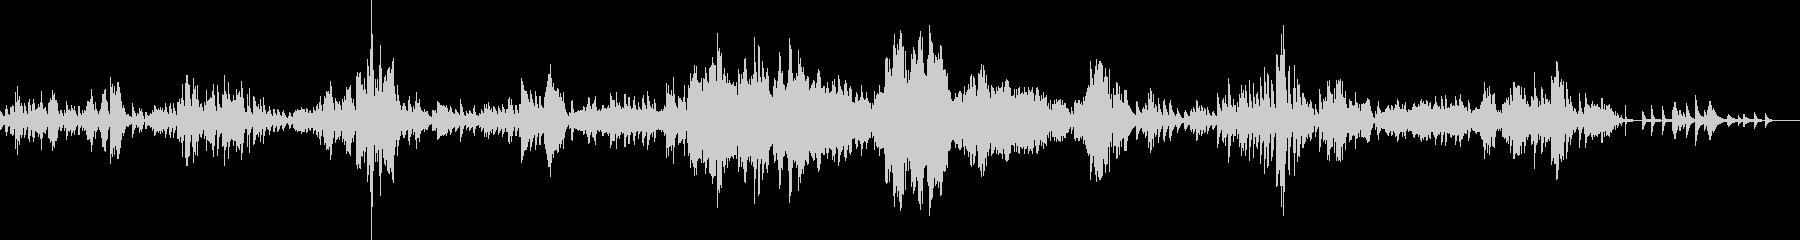 ショパン ノクターン Op62-No2の未再生の波形